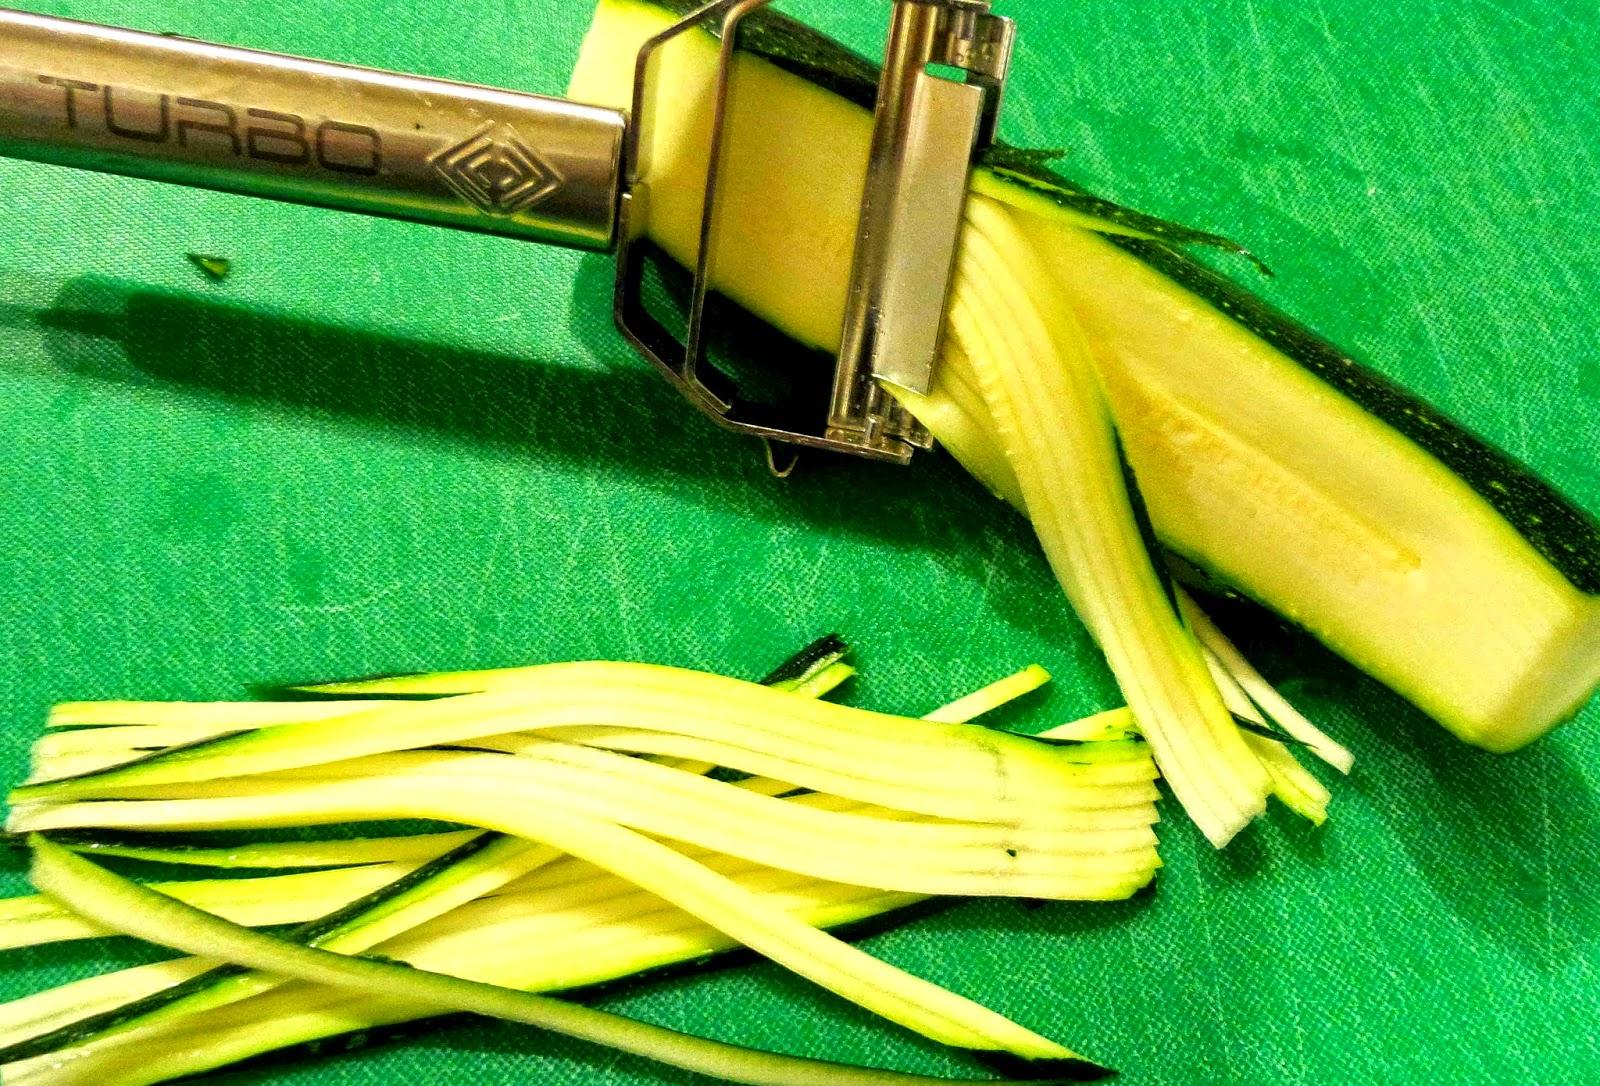 zoodles zuchini noodles